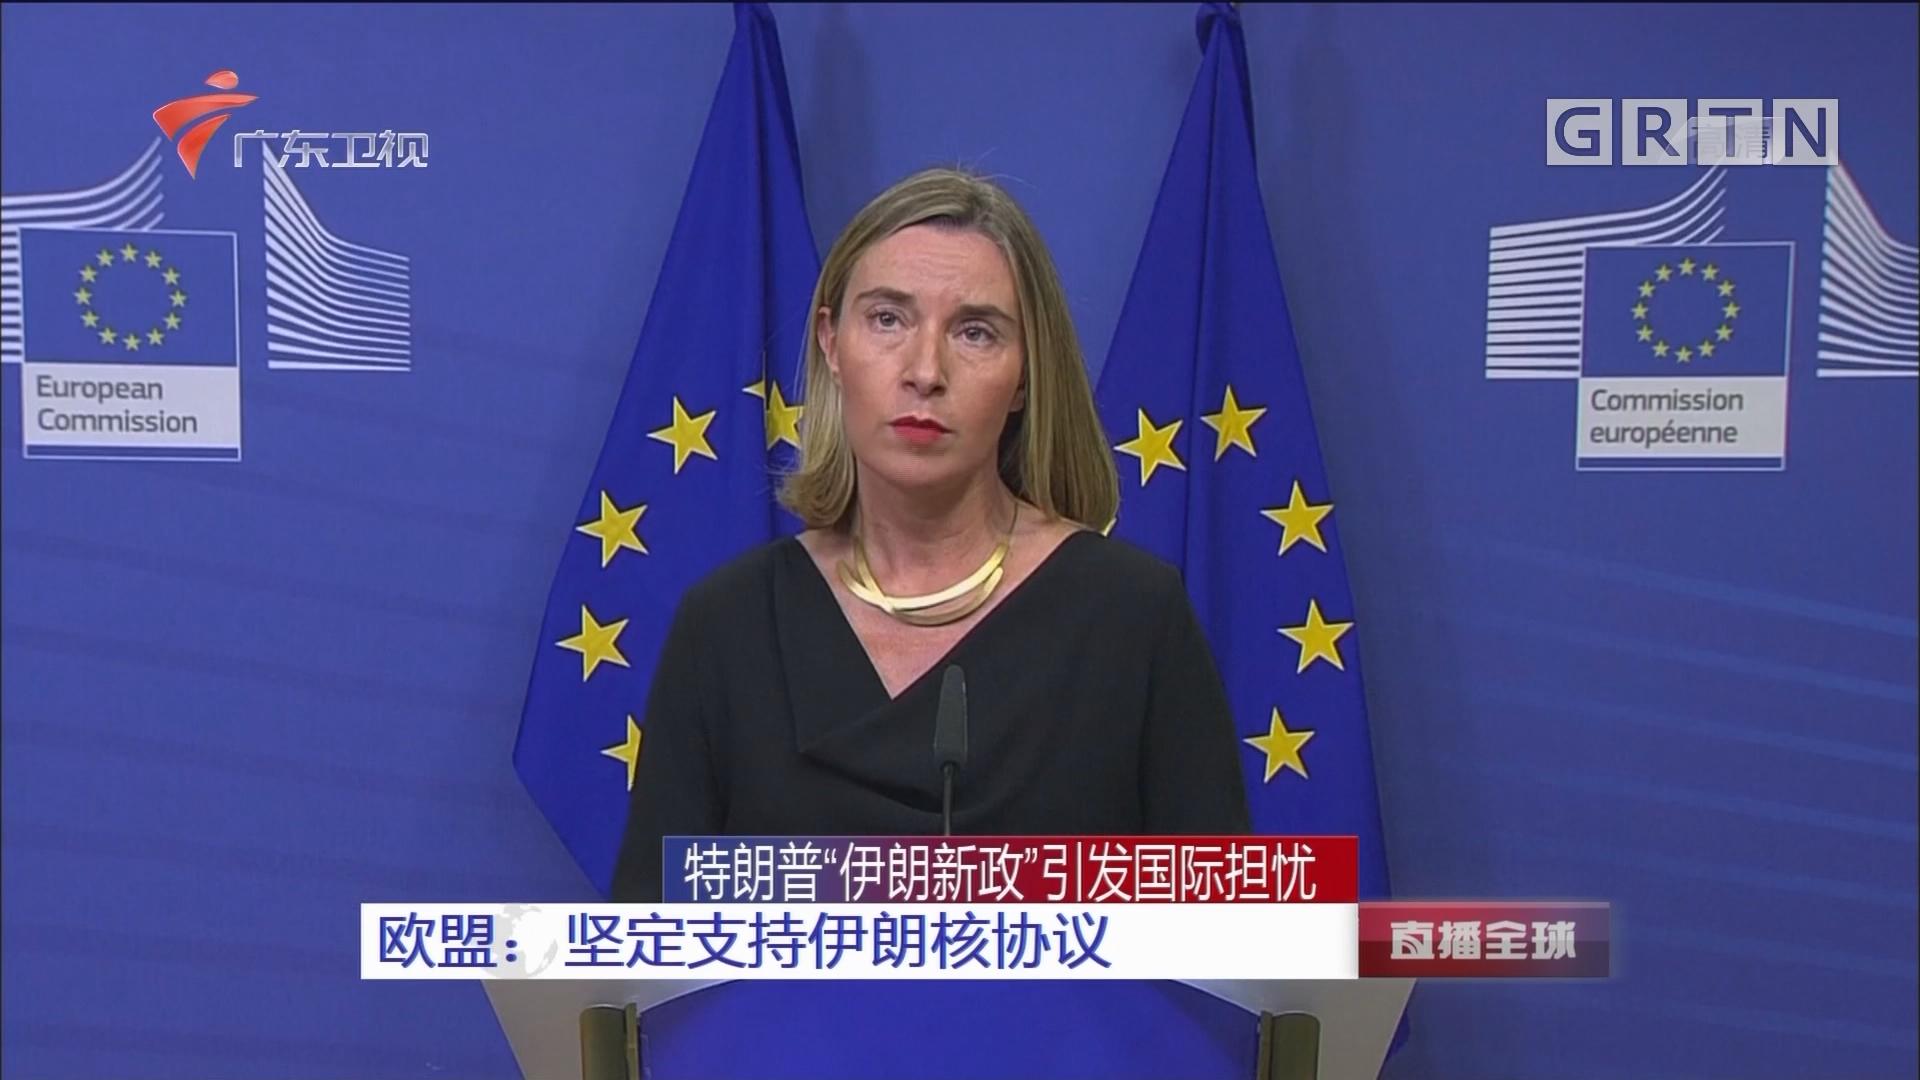 """特朗普""""伊朗新政""""引发国际担忧 欧盟:坚定支持伊朗核协议"""